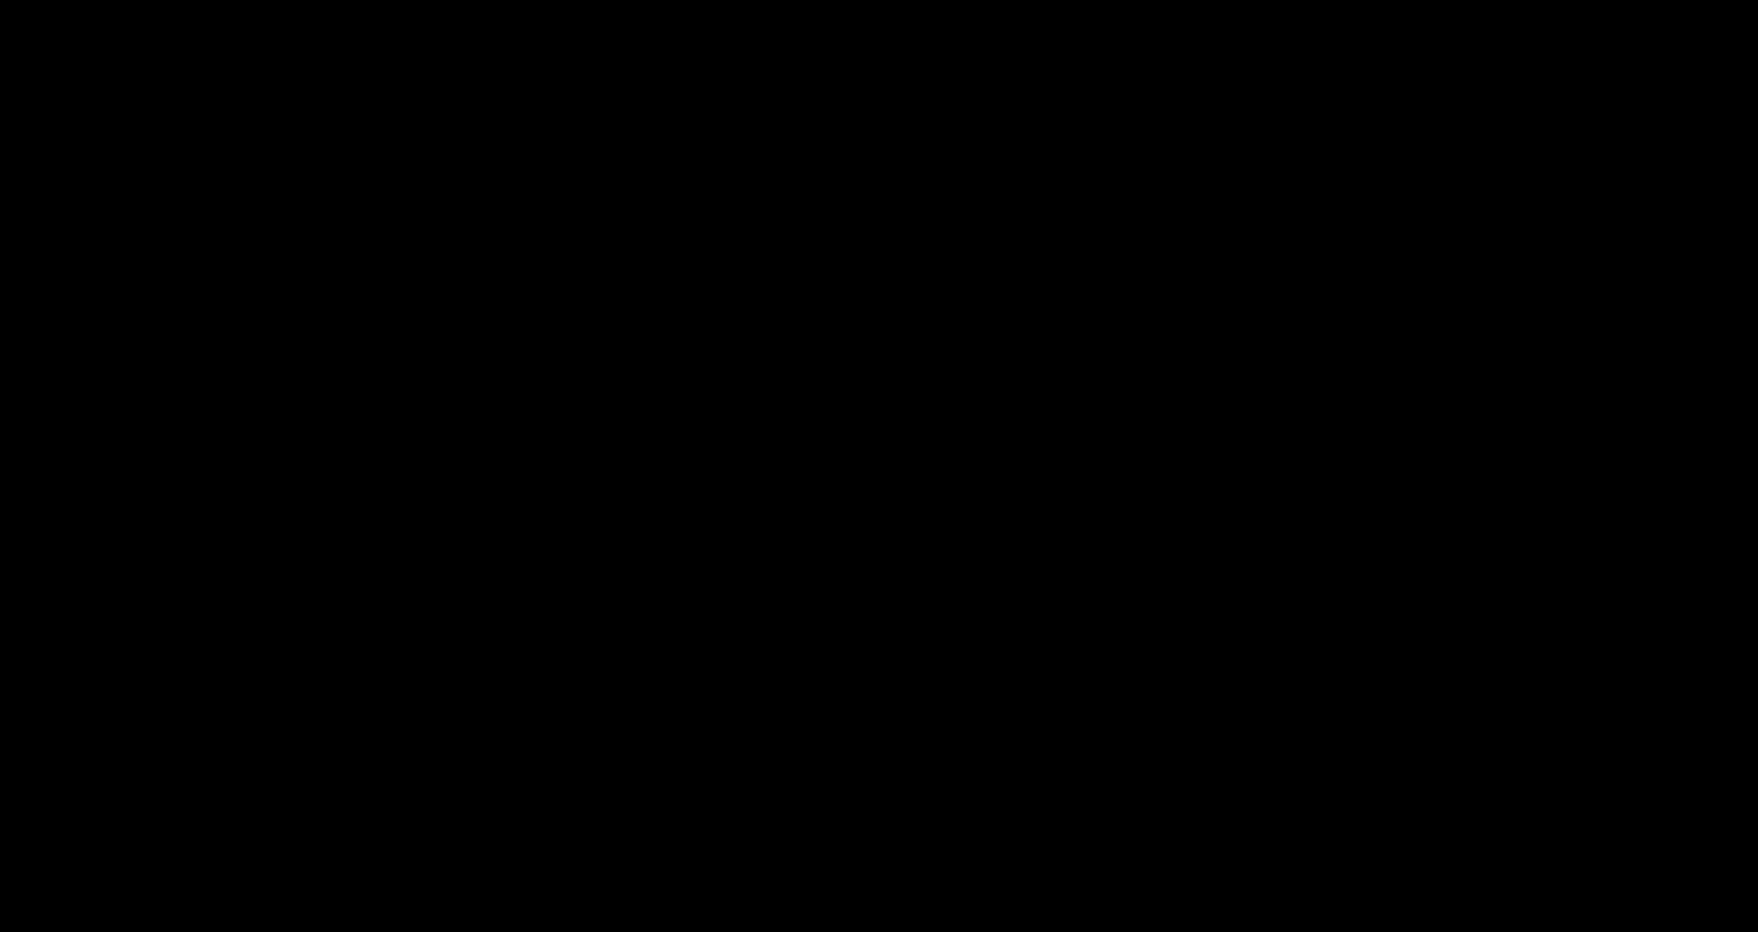 N-Dansyl1,6-diaminohexane